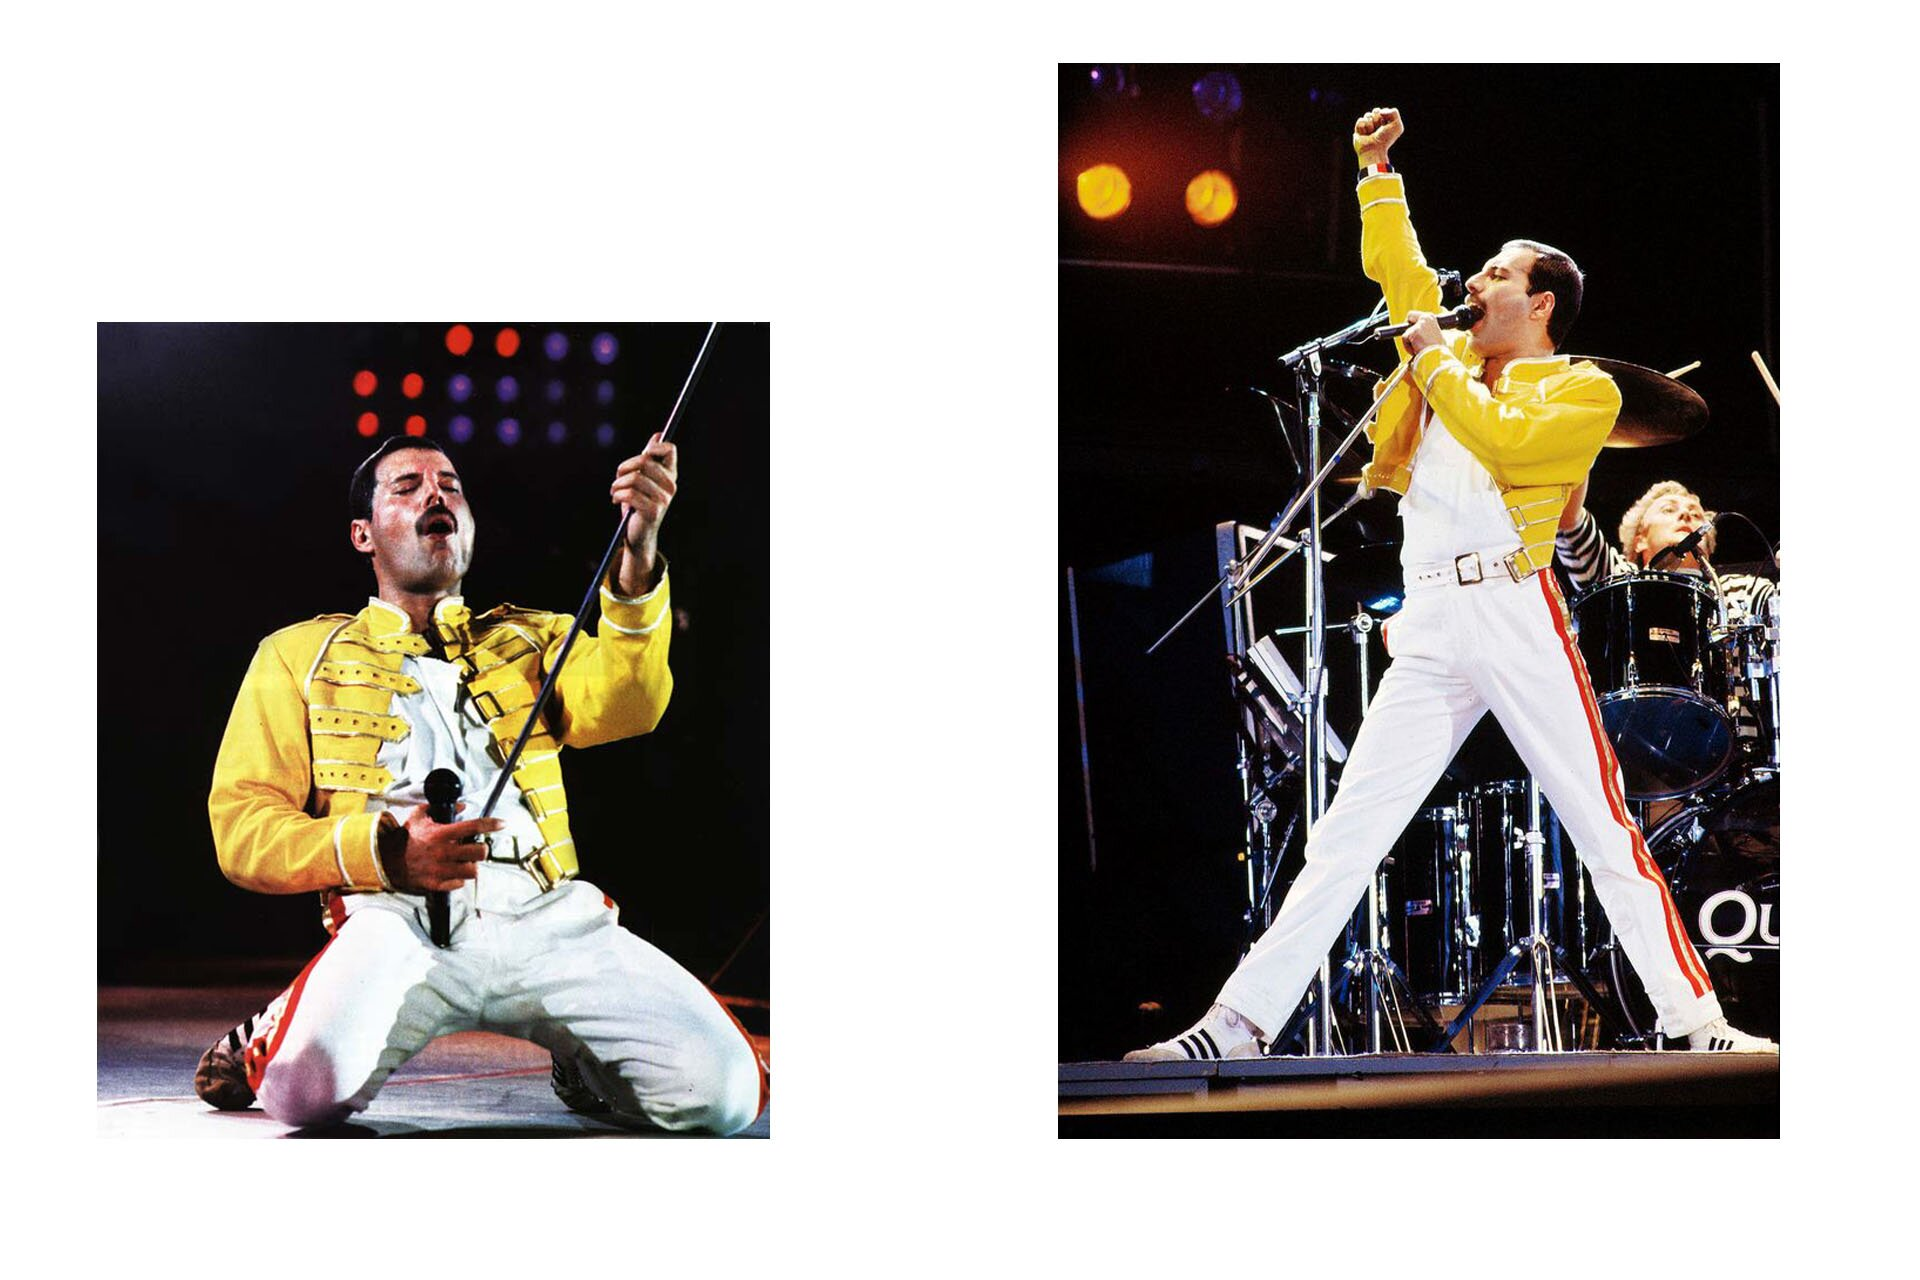 Wszyscy powinniśmy ubierać się jak Freddie, Freddie Mercury, Stylizacje Queen, Stylizacje Freddie, Magic Tour, Żółta kurtka, 10 przełomowych wcieleń modowych Freddiego